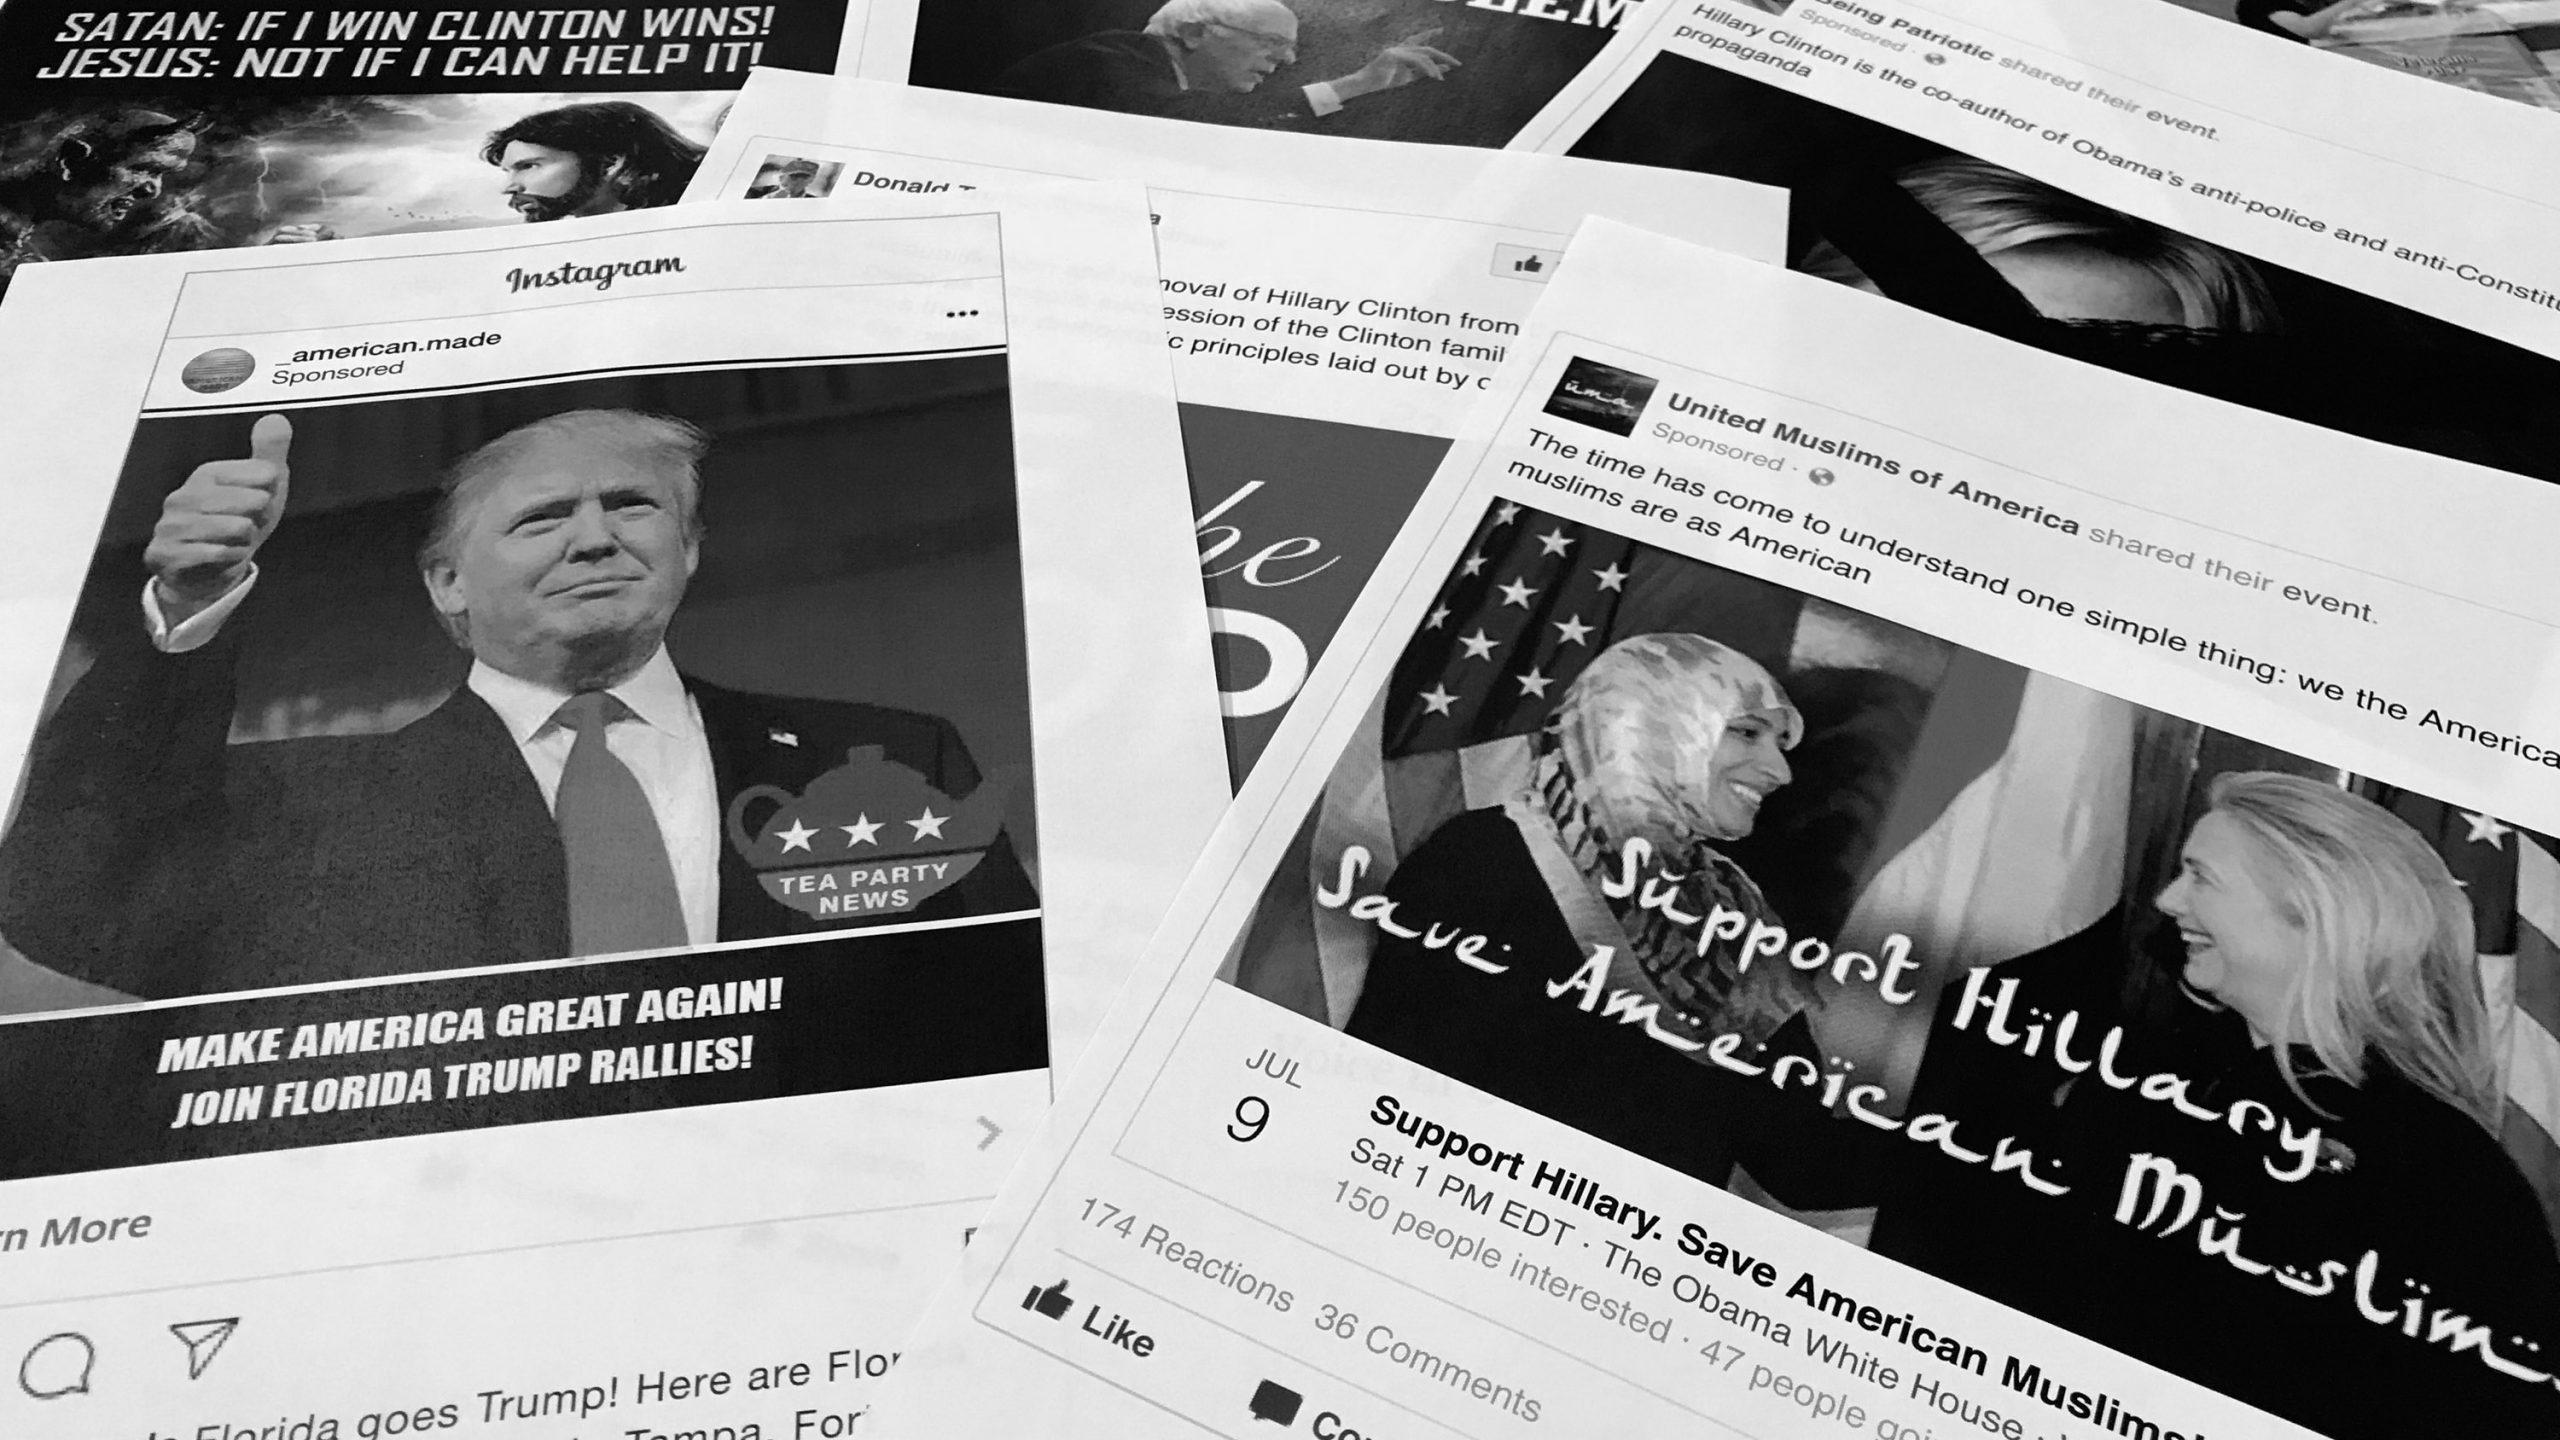 あなたが大統領選のデマ拡散者になるのを防ぐ7つのアドバイス